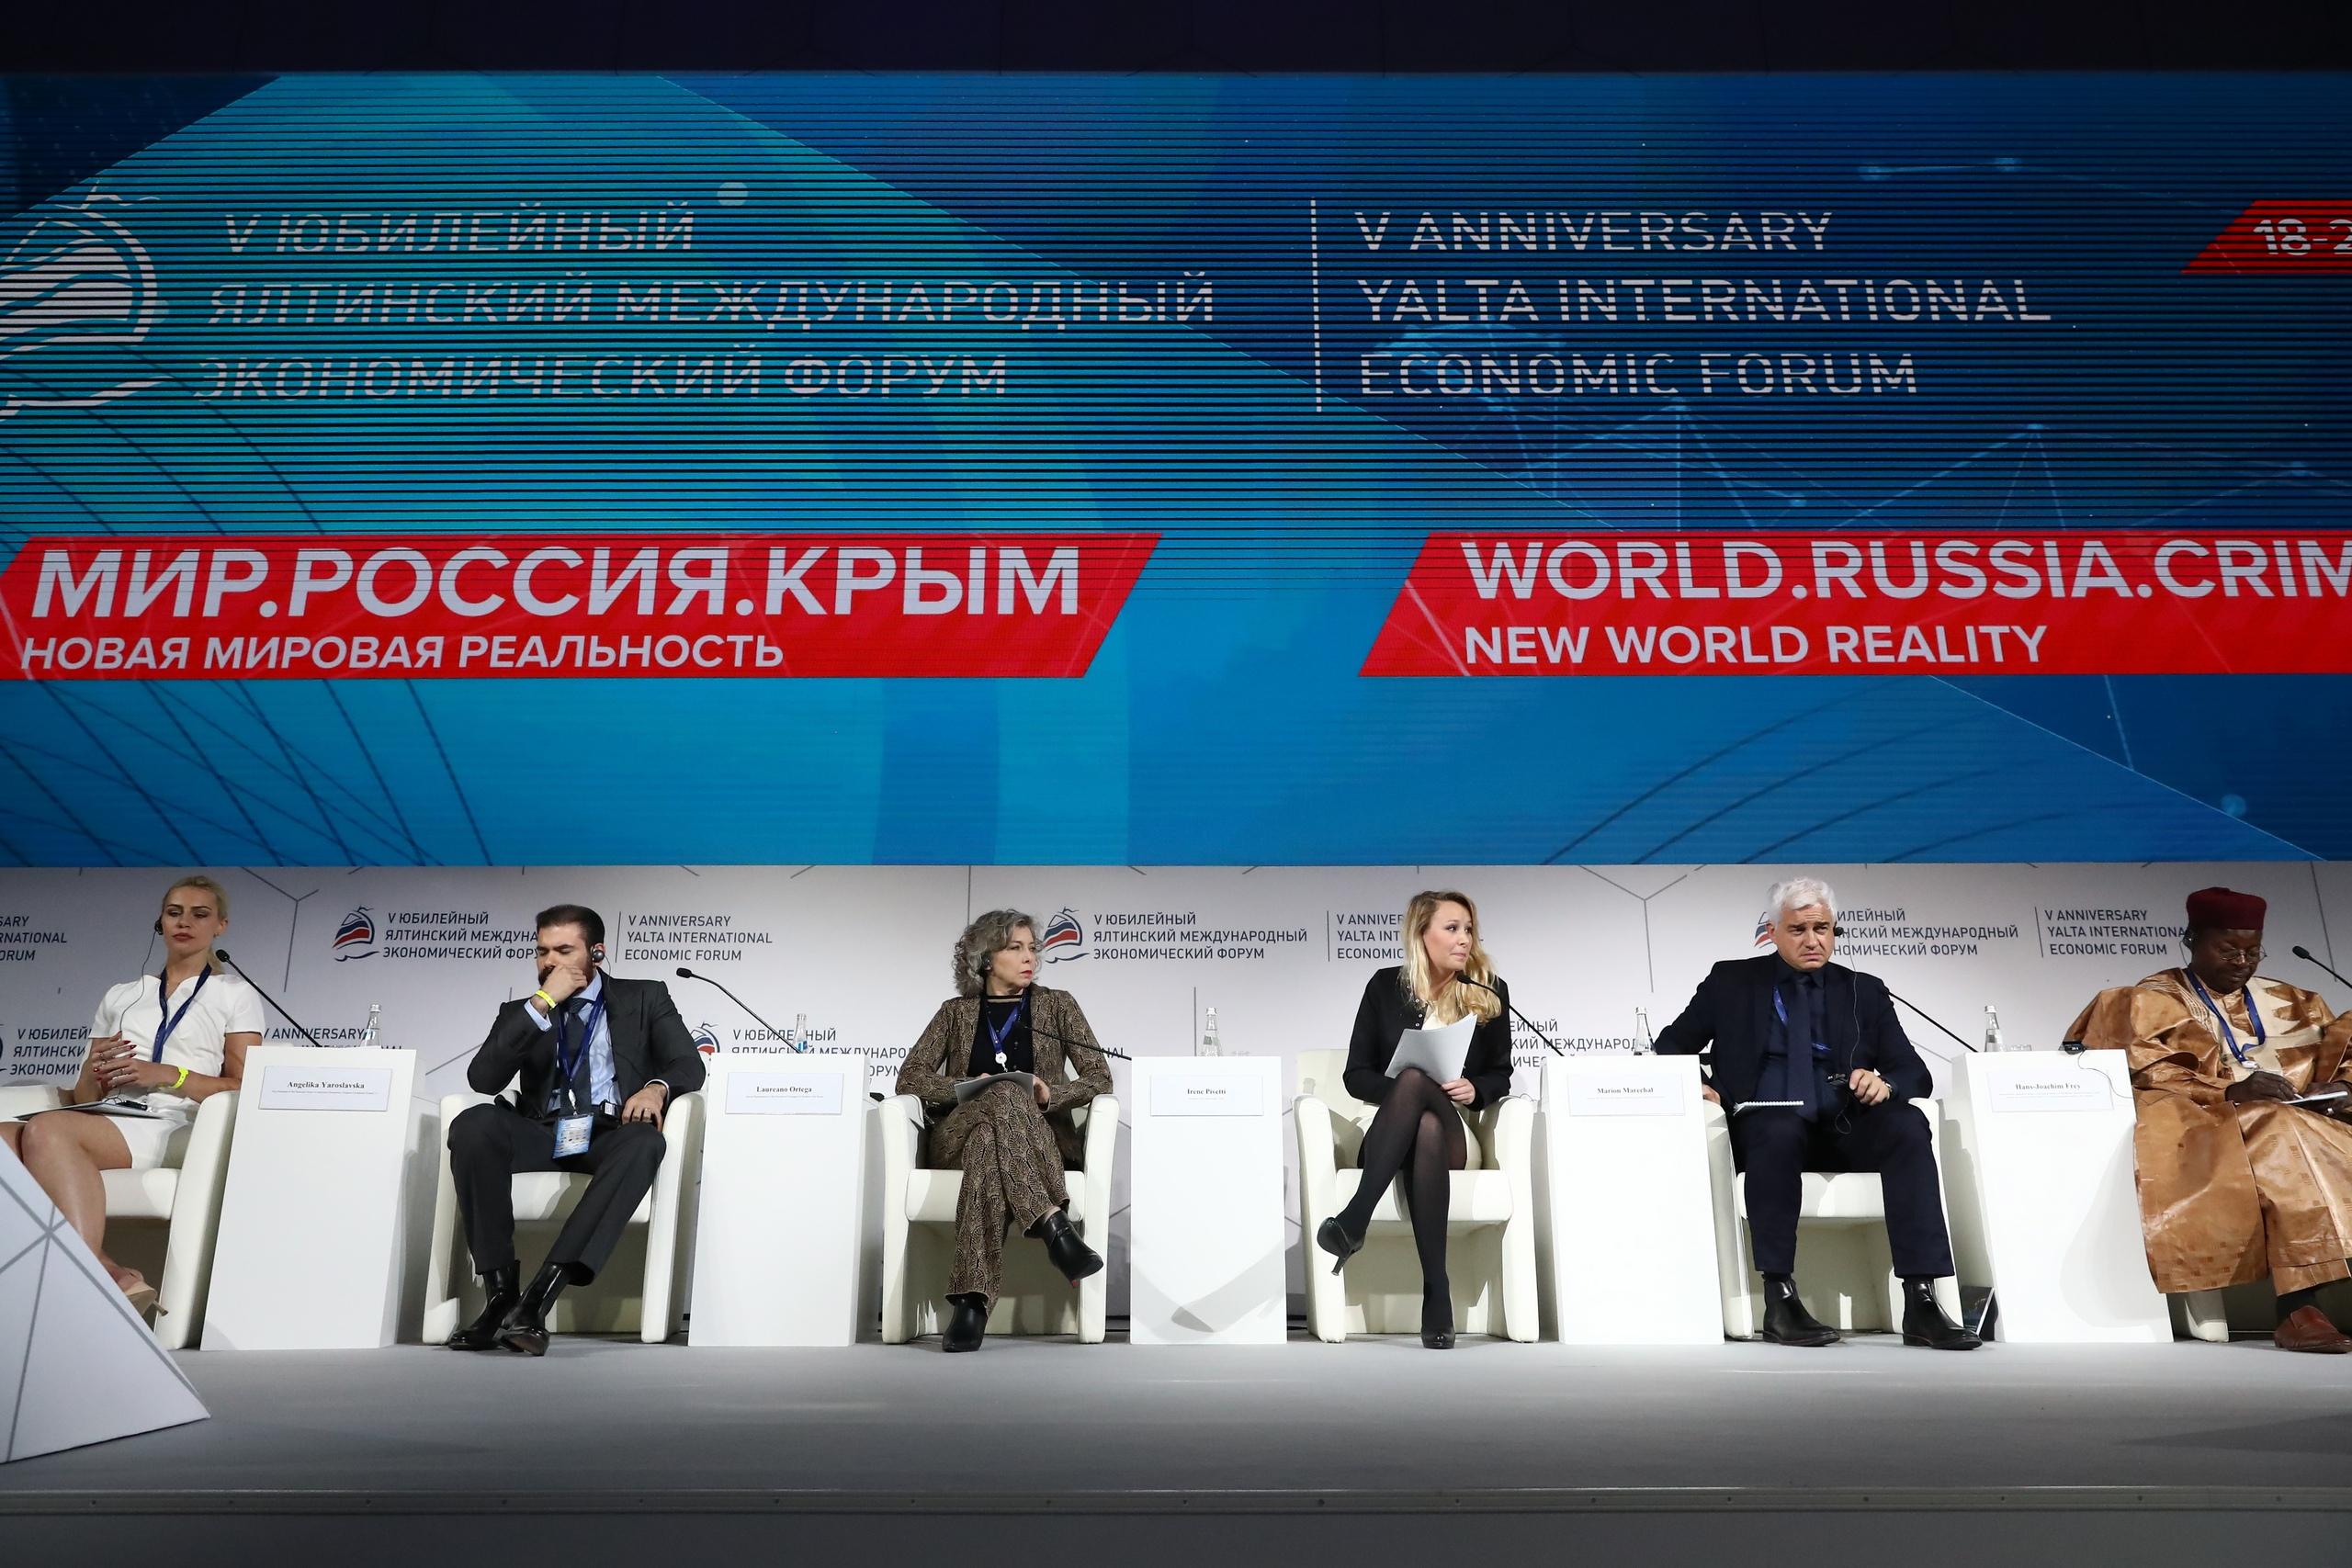 Ялтинский международный экономический форум пройдёт этой осенью